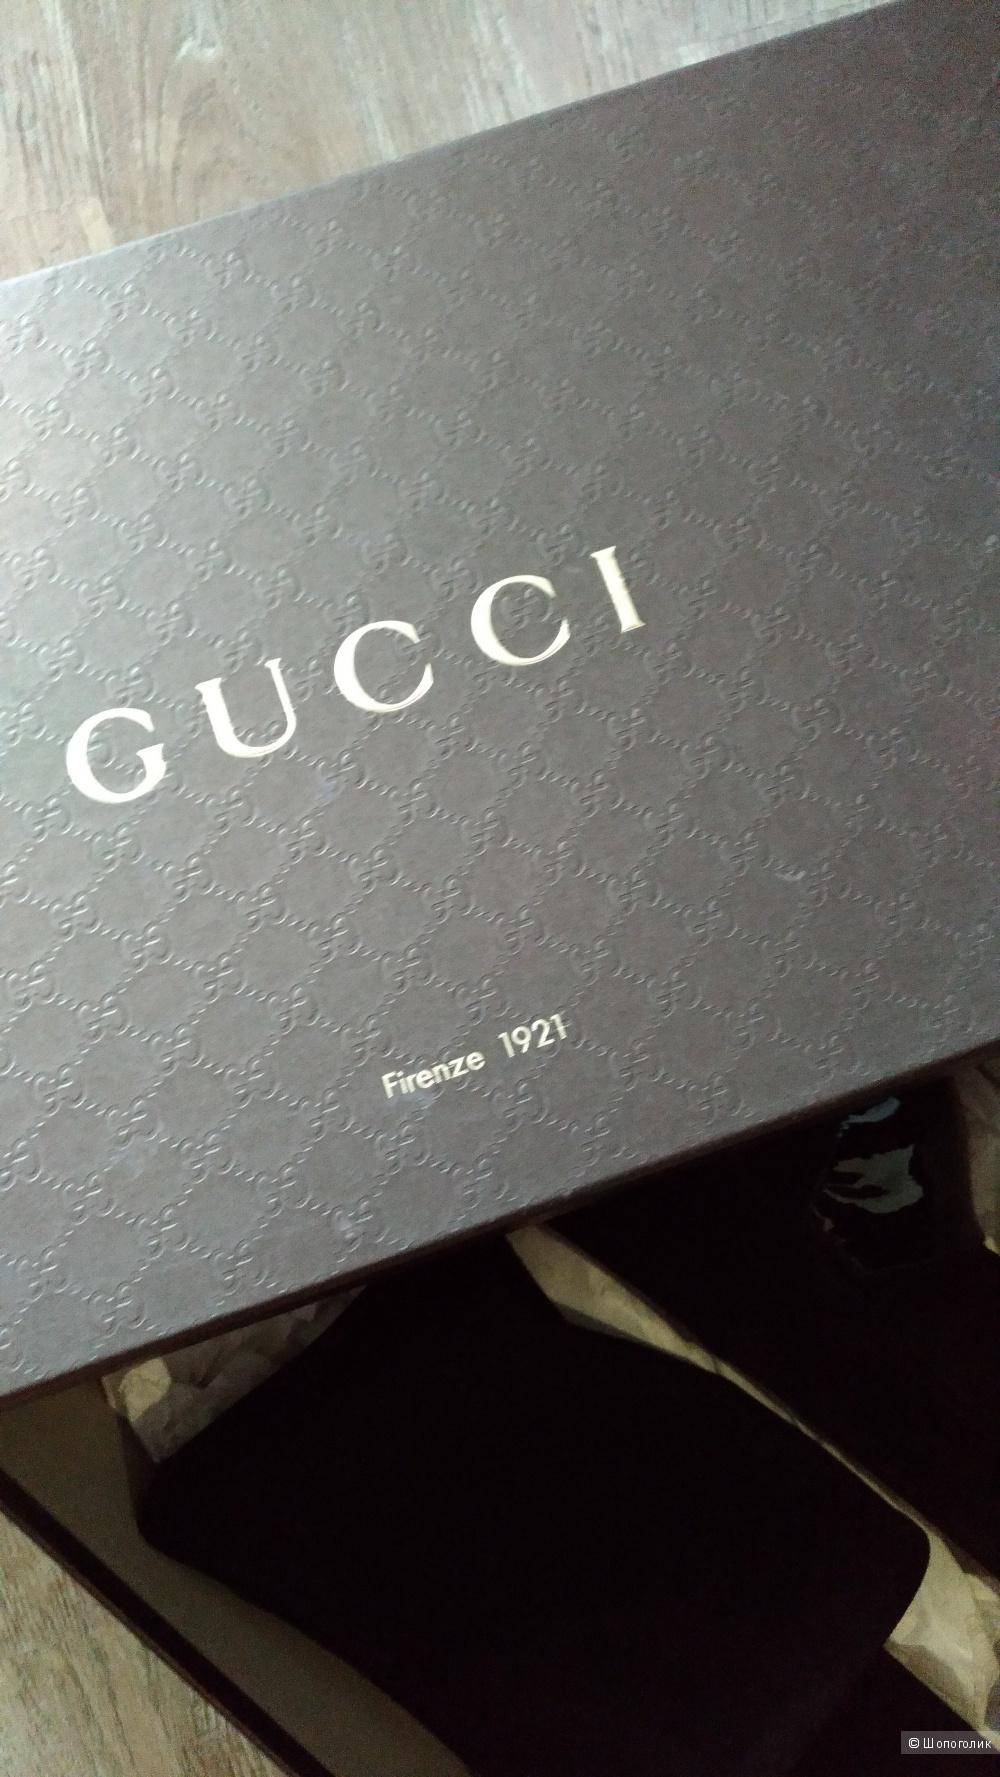 Сапоги Ботфорты Gucci размер 38